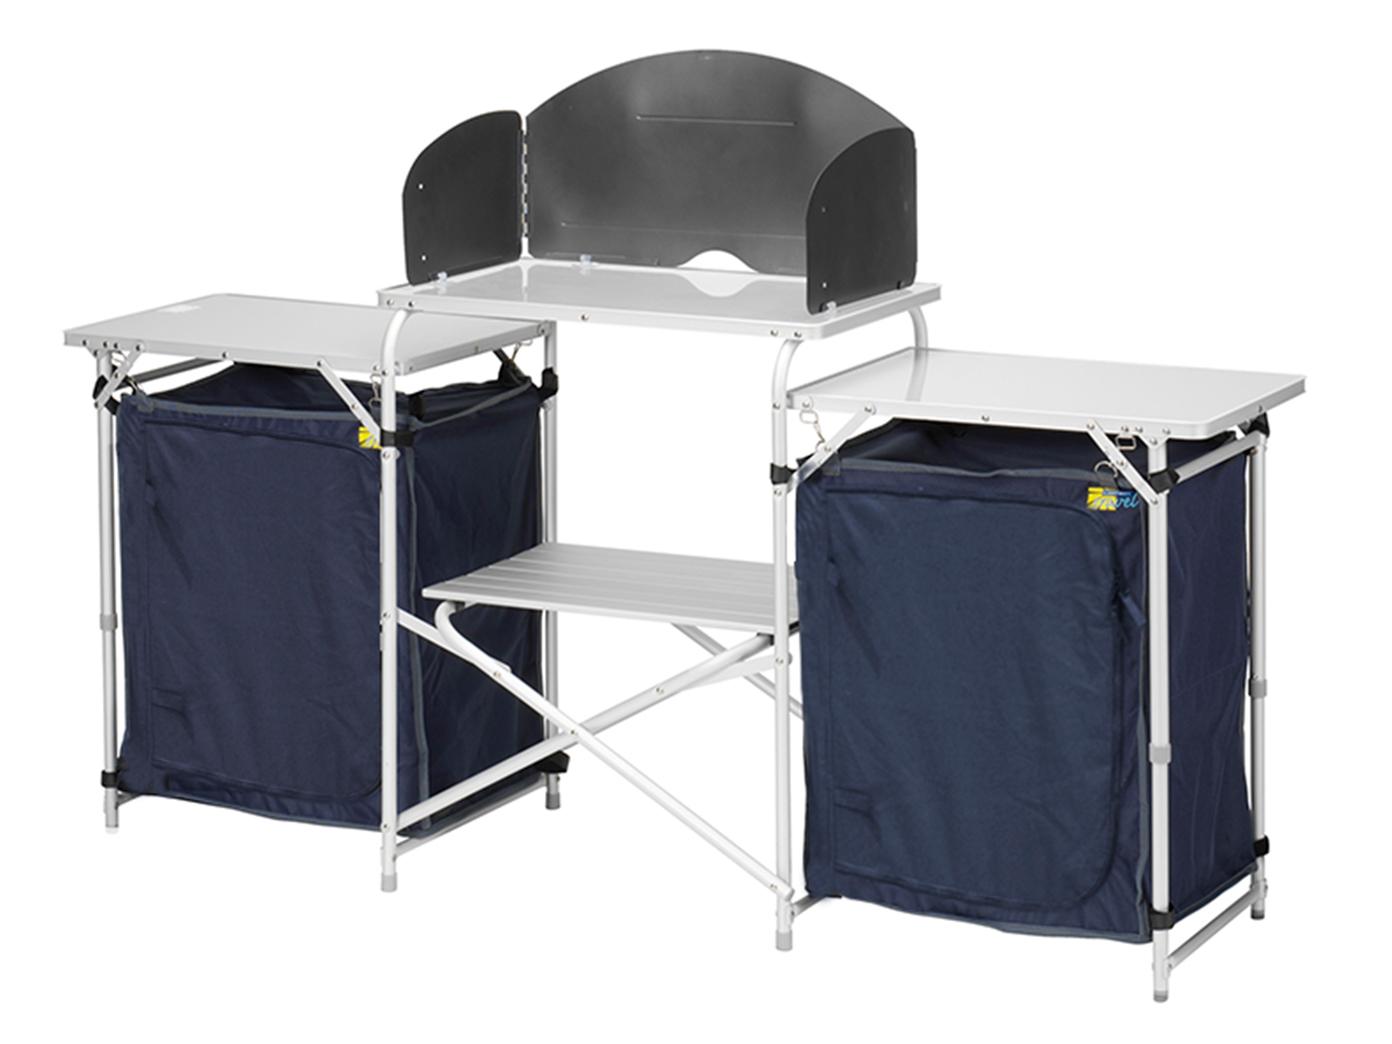 Outdoorküche Klappbar Forum : Outdoor küche camper outdoor küche wohnwagen grau weiß küche